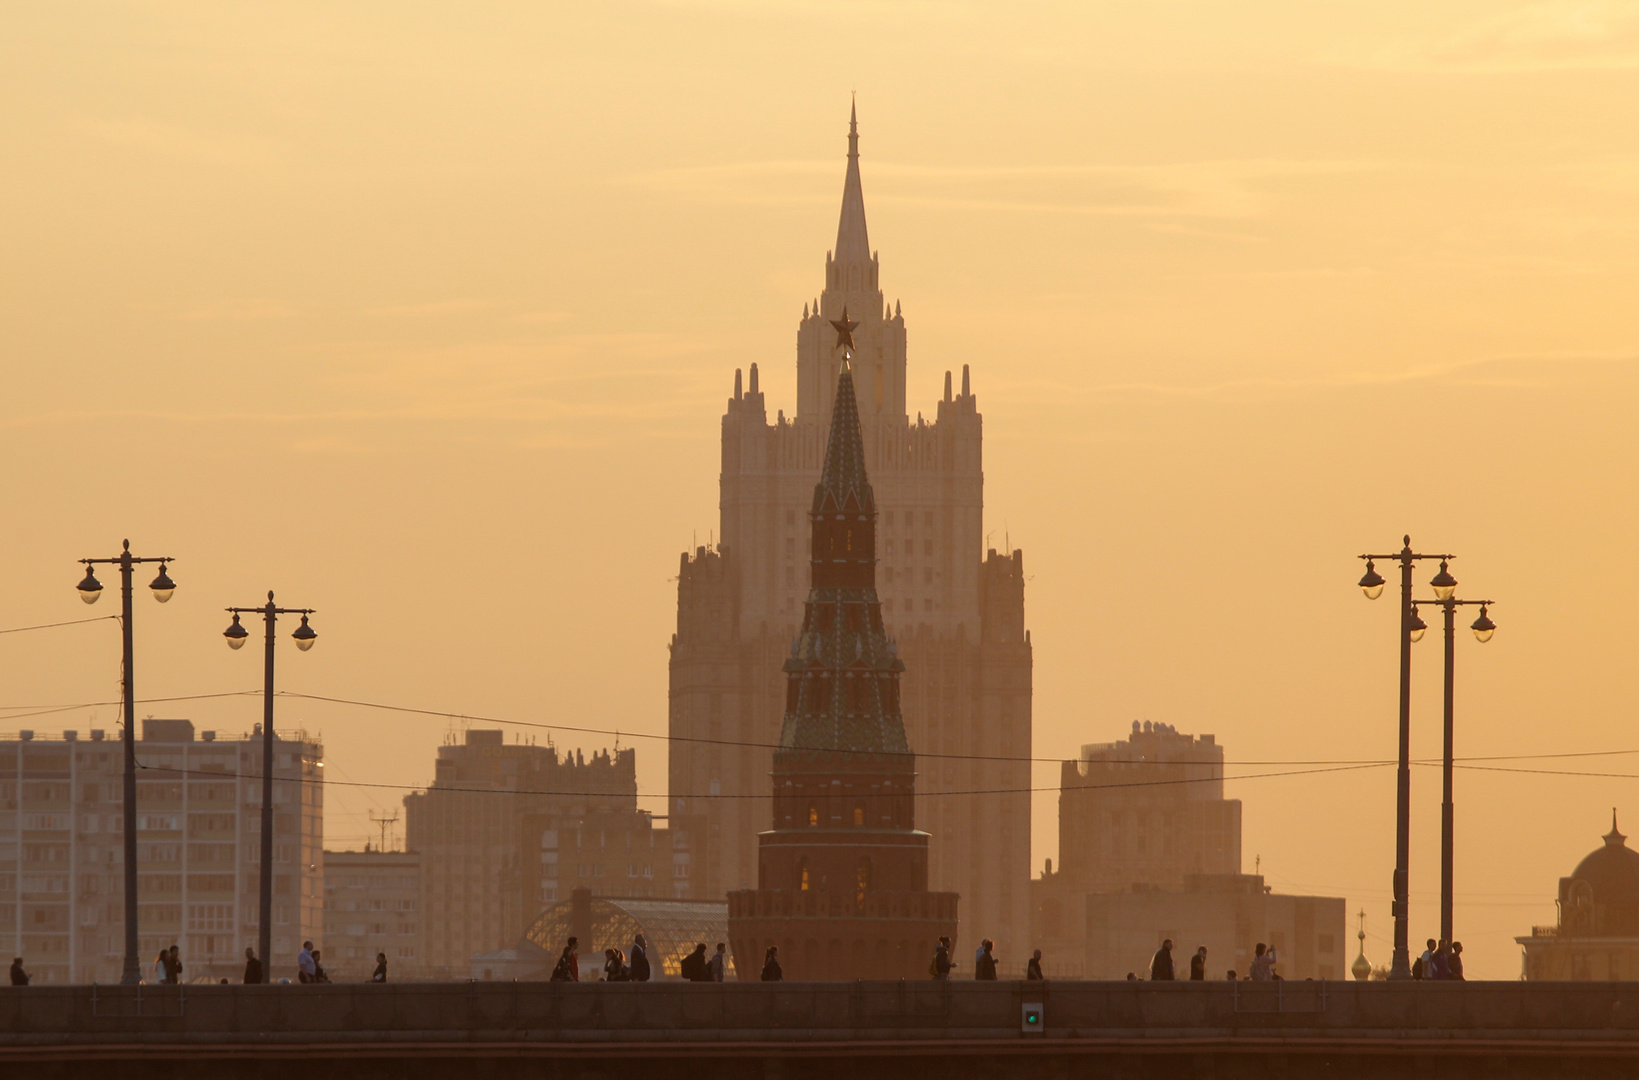 موسكو عن اتفاقيتي السلام: إذا كان سيؤدي لإحلال سلام شامل وحل القضية الفلسطينية فإنه أمر إيجابي